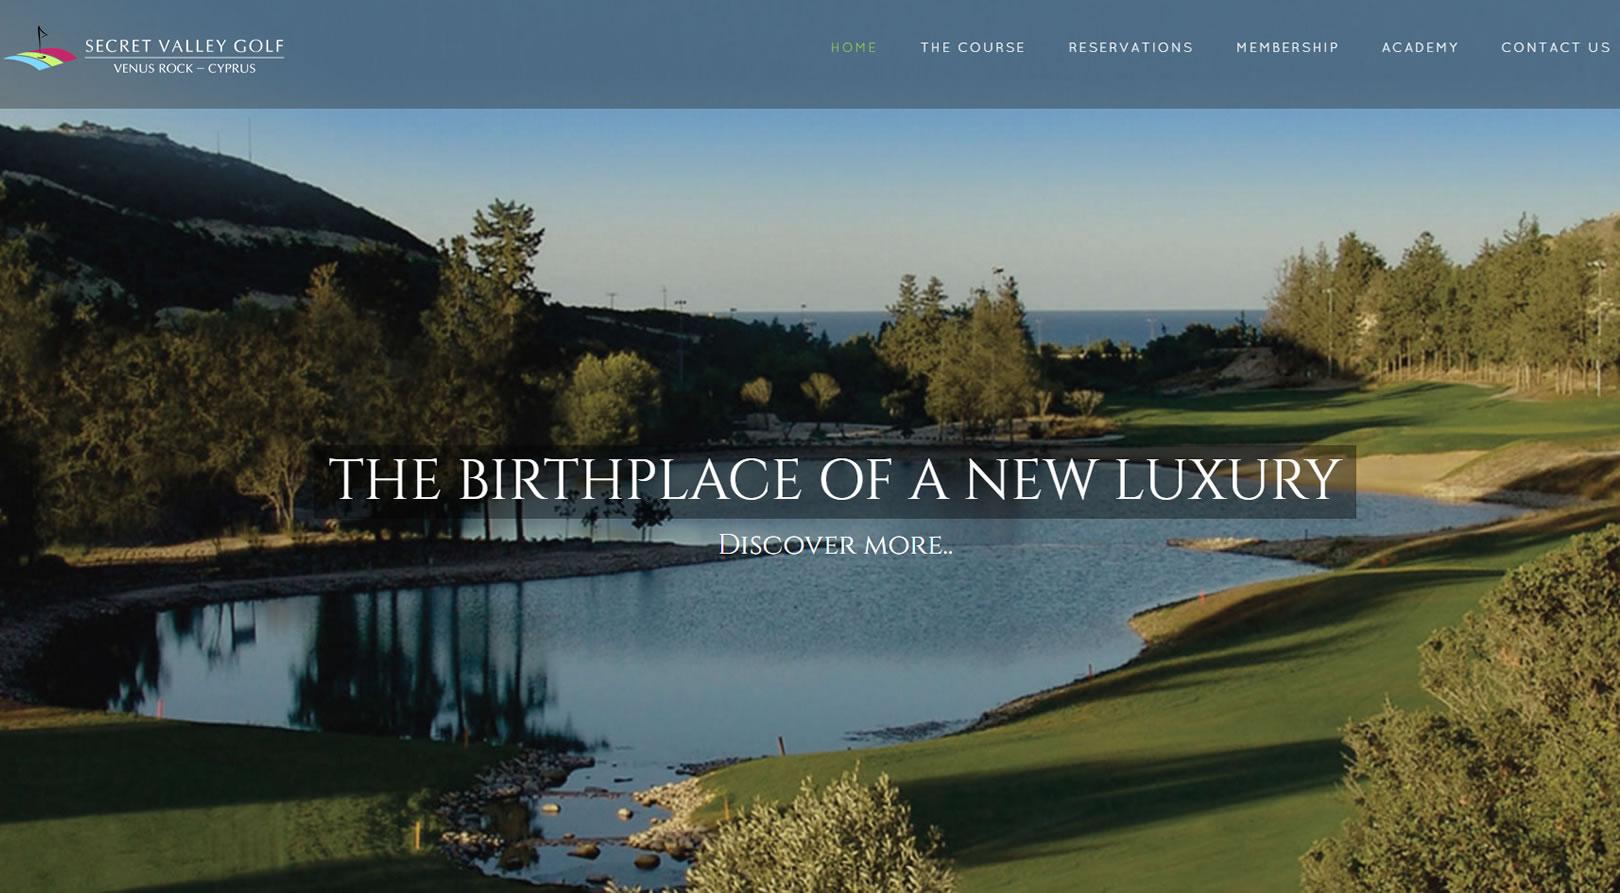 Secret Valley Golf Club Cyprus